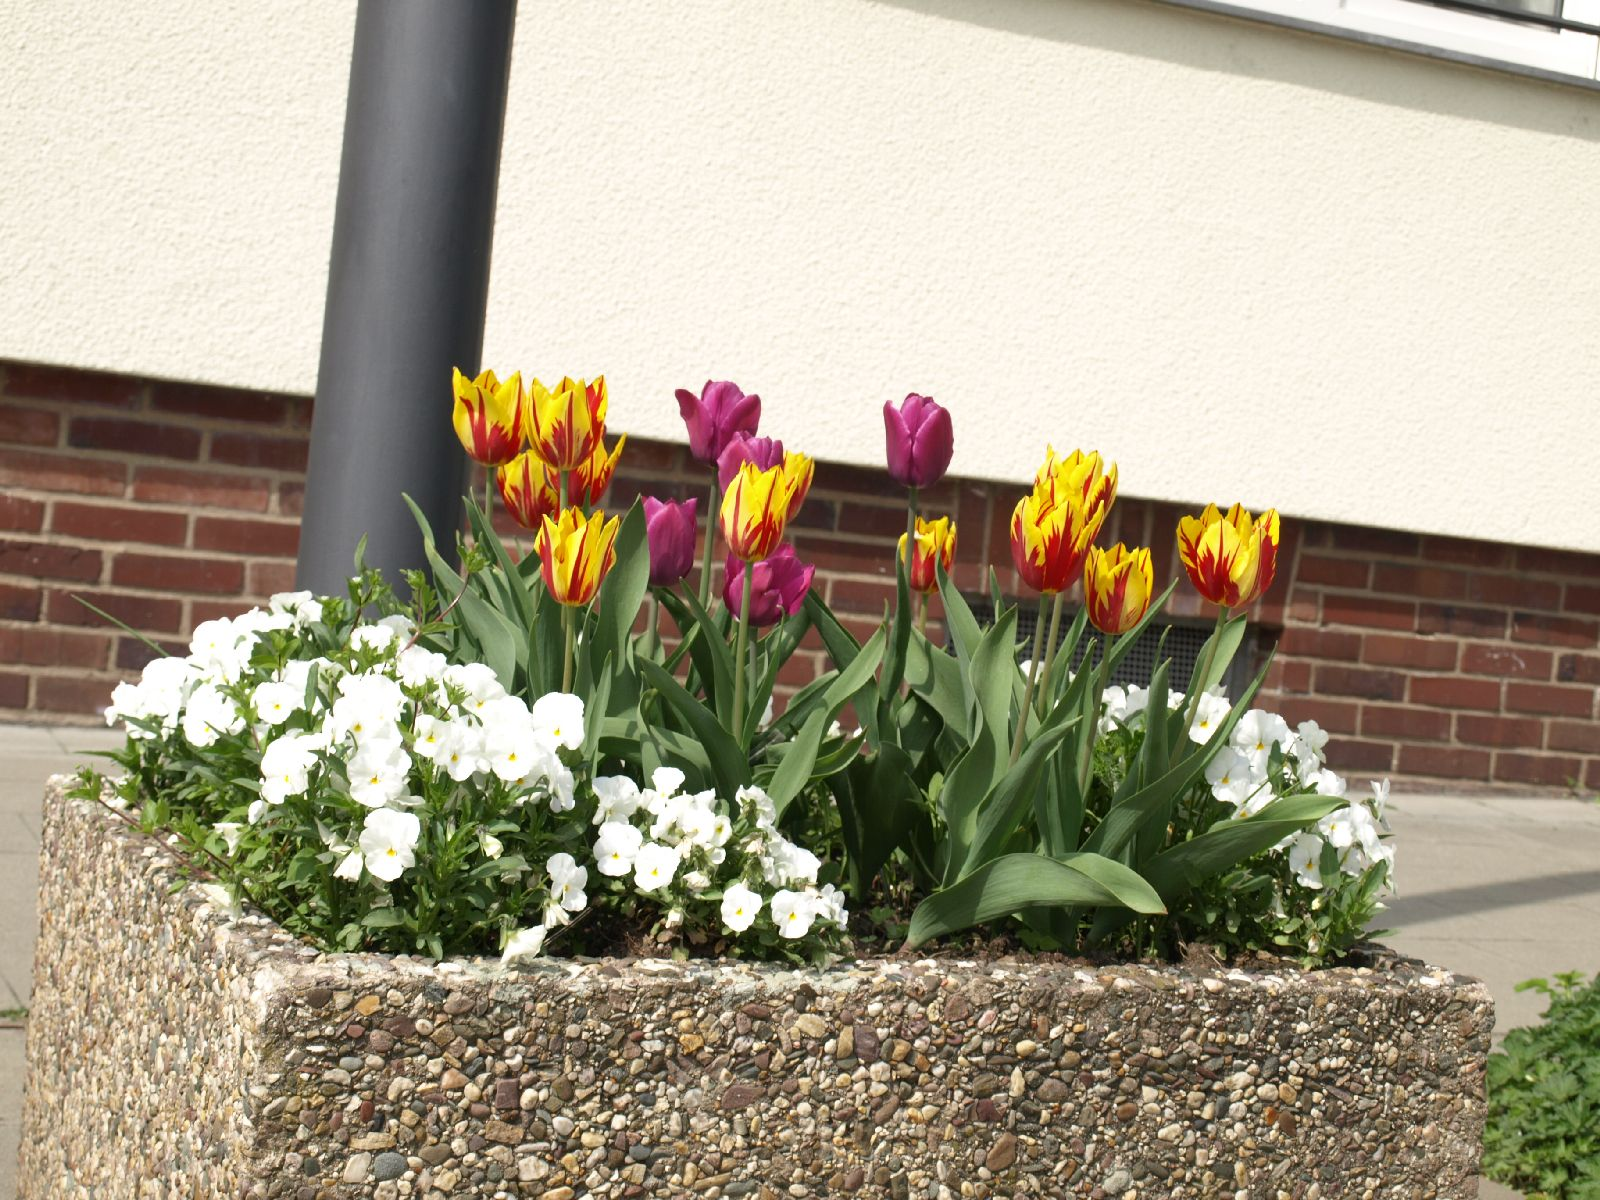 Pflanzen-Blumen-Foto_Textur_B_P4222623